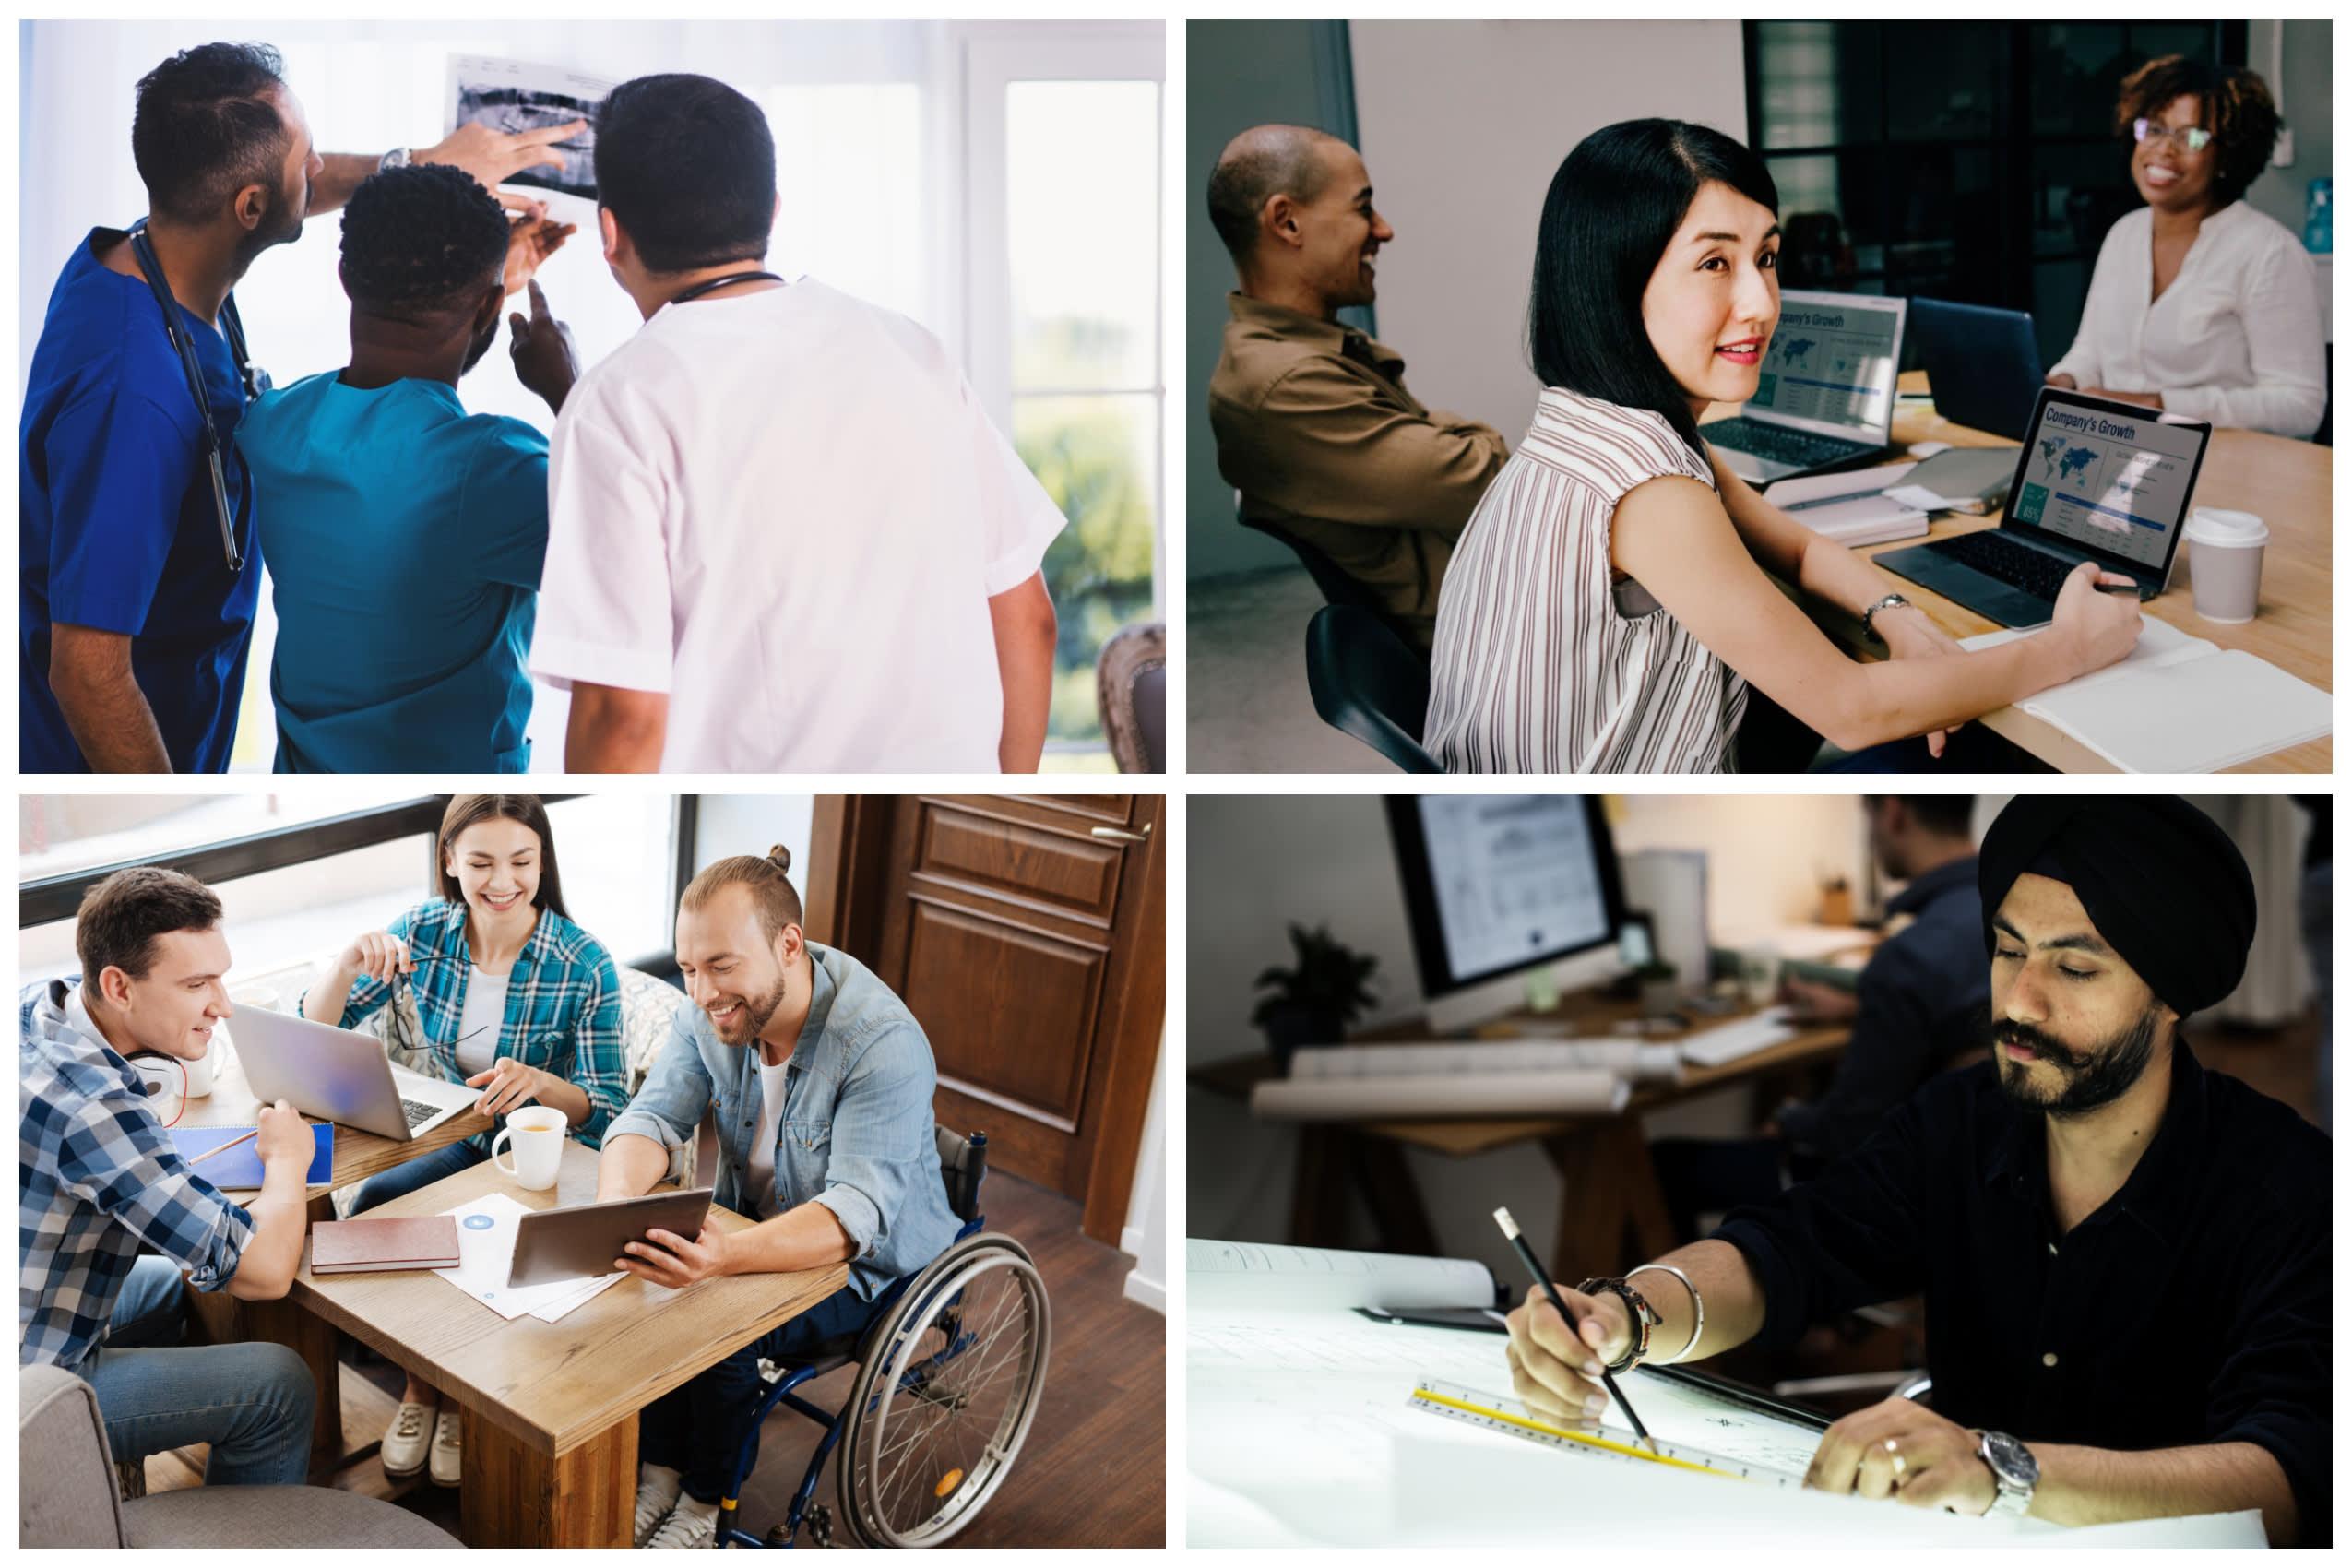 Un montaje de imágenes mostrando diversidad en el mercado laboral, incluyendo género, capacidad física y origen étnico.